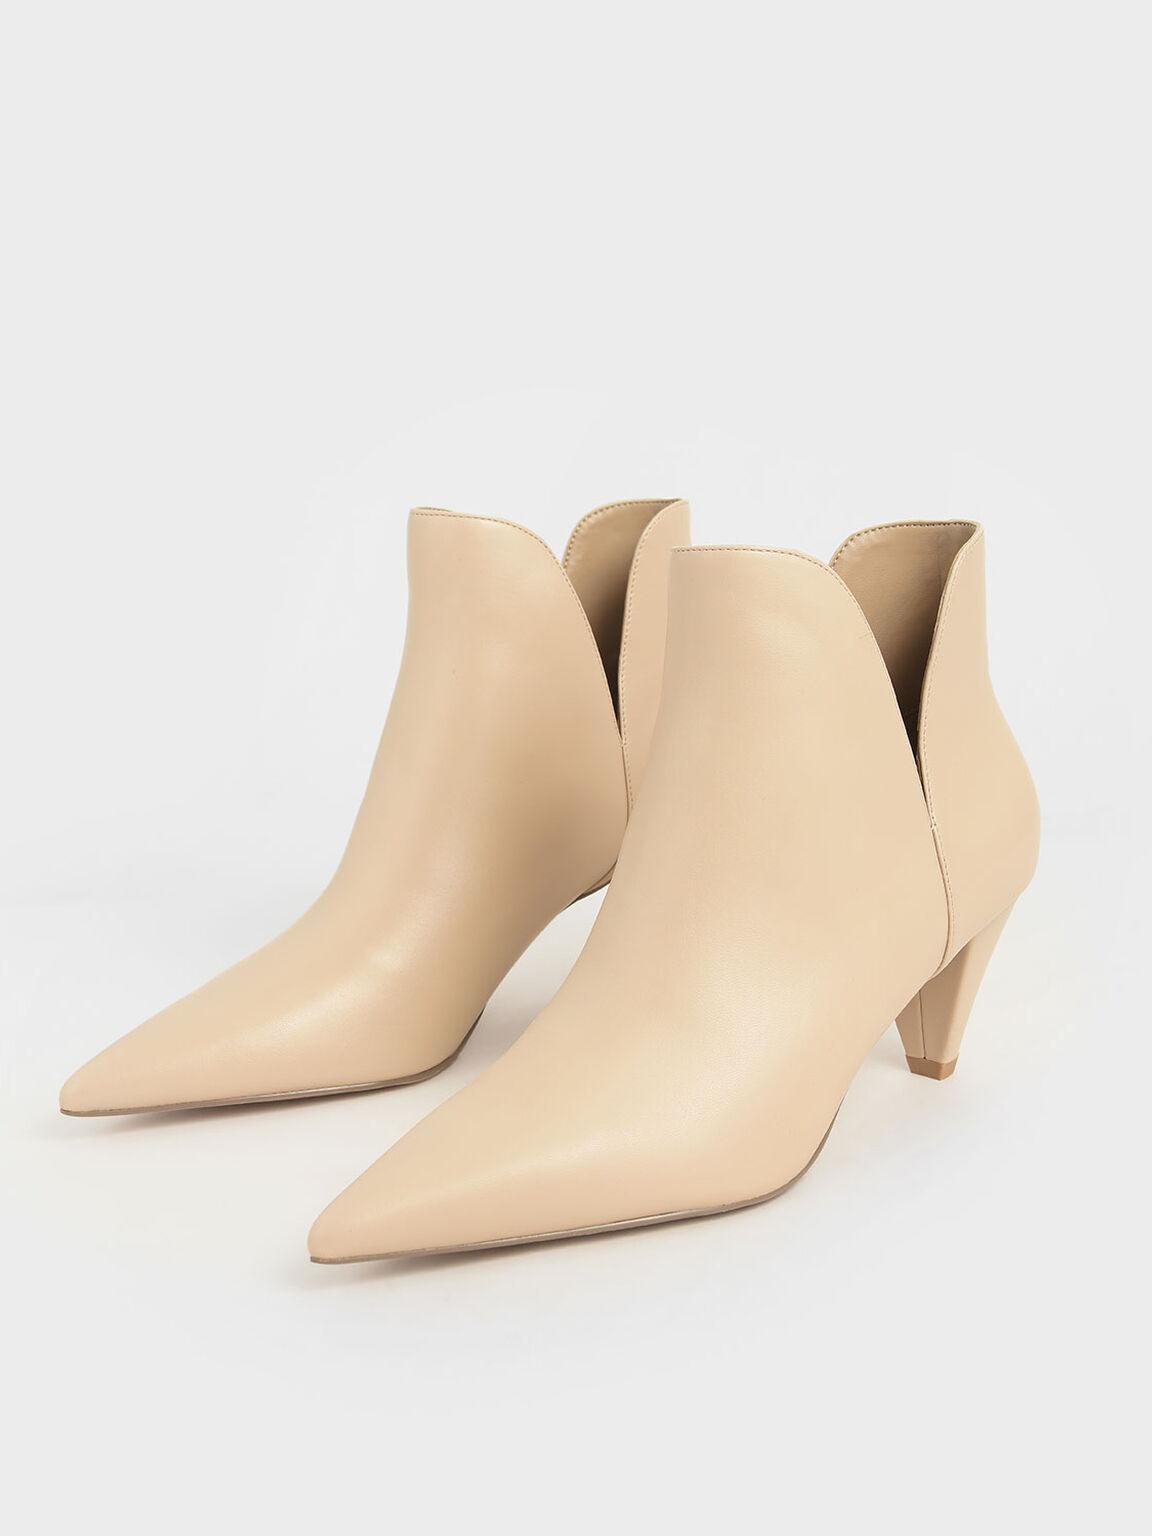 Cone Heel Ankle Boots, Beige, hi-res